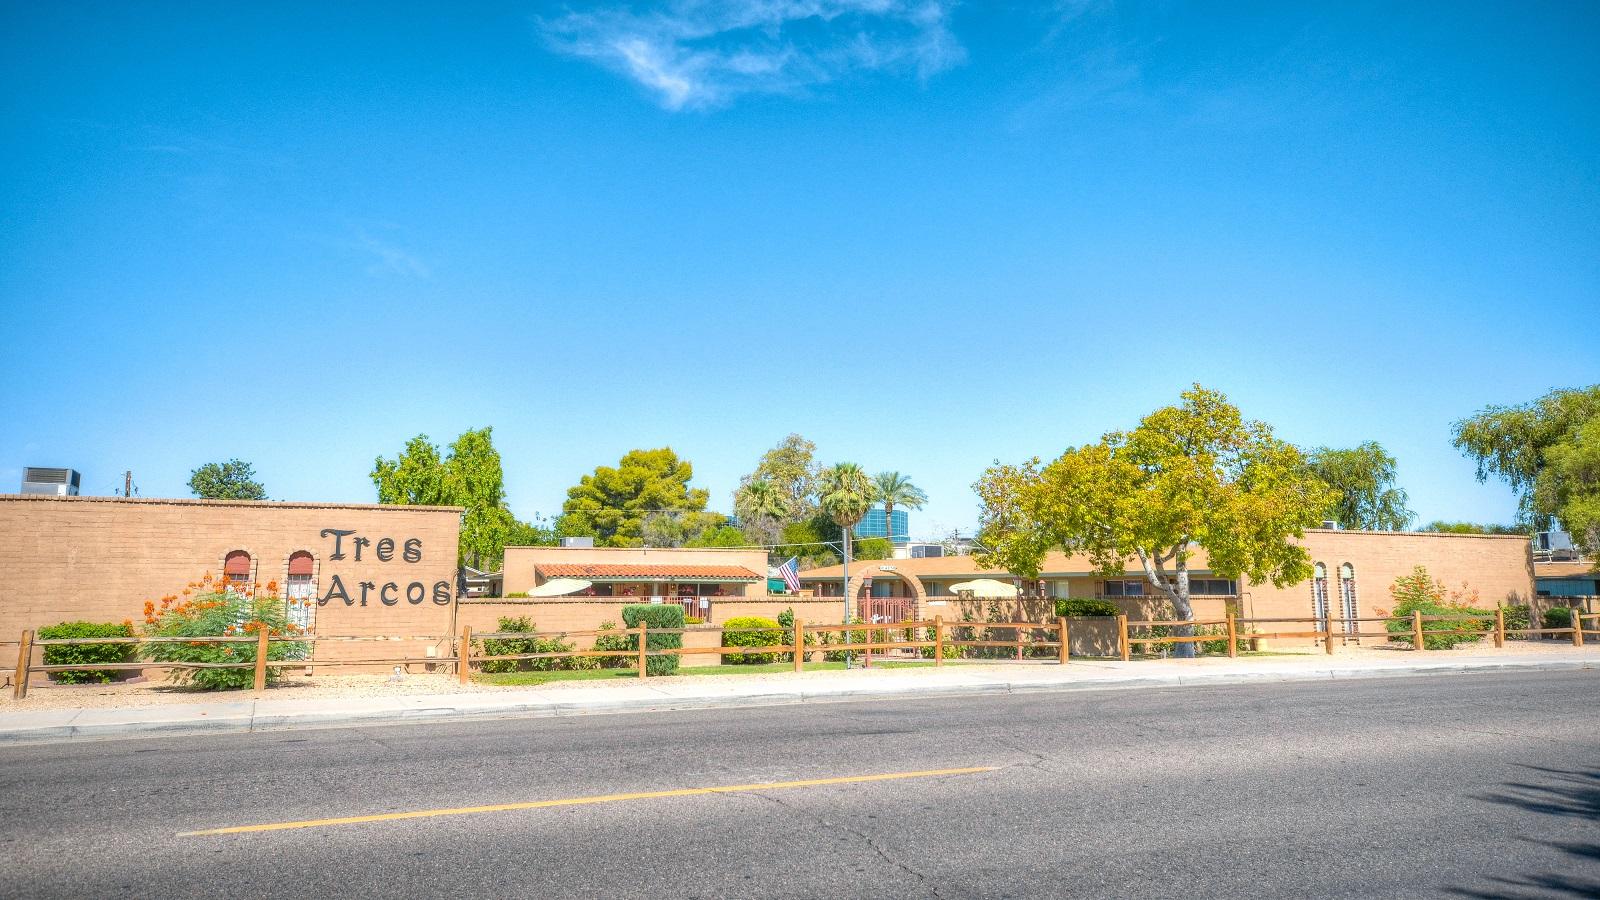 Tres Arcos Apartments | 4750 North 28th Street, Phoenix, AZ 85016 | 25 Units | Built in 1969 | $4,000,000 | $160,000 Per Unit | $199.25 Per SF